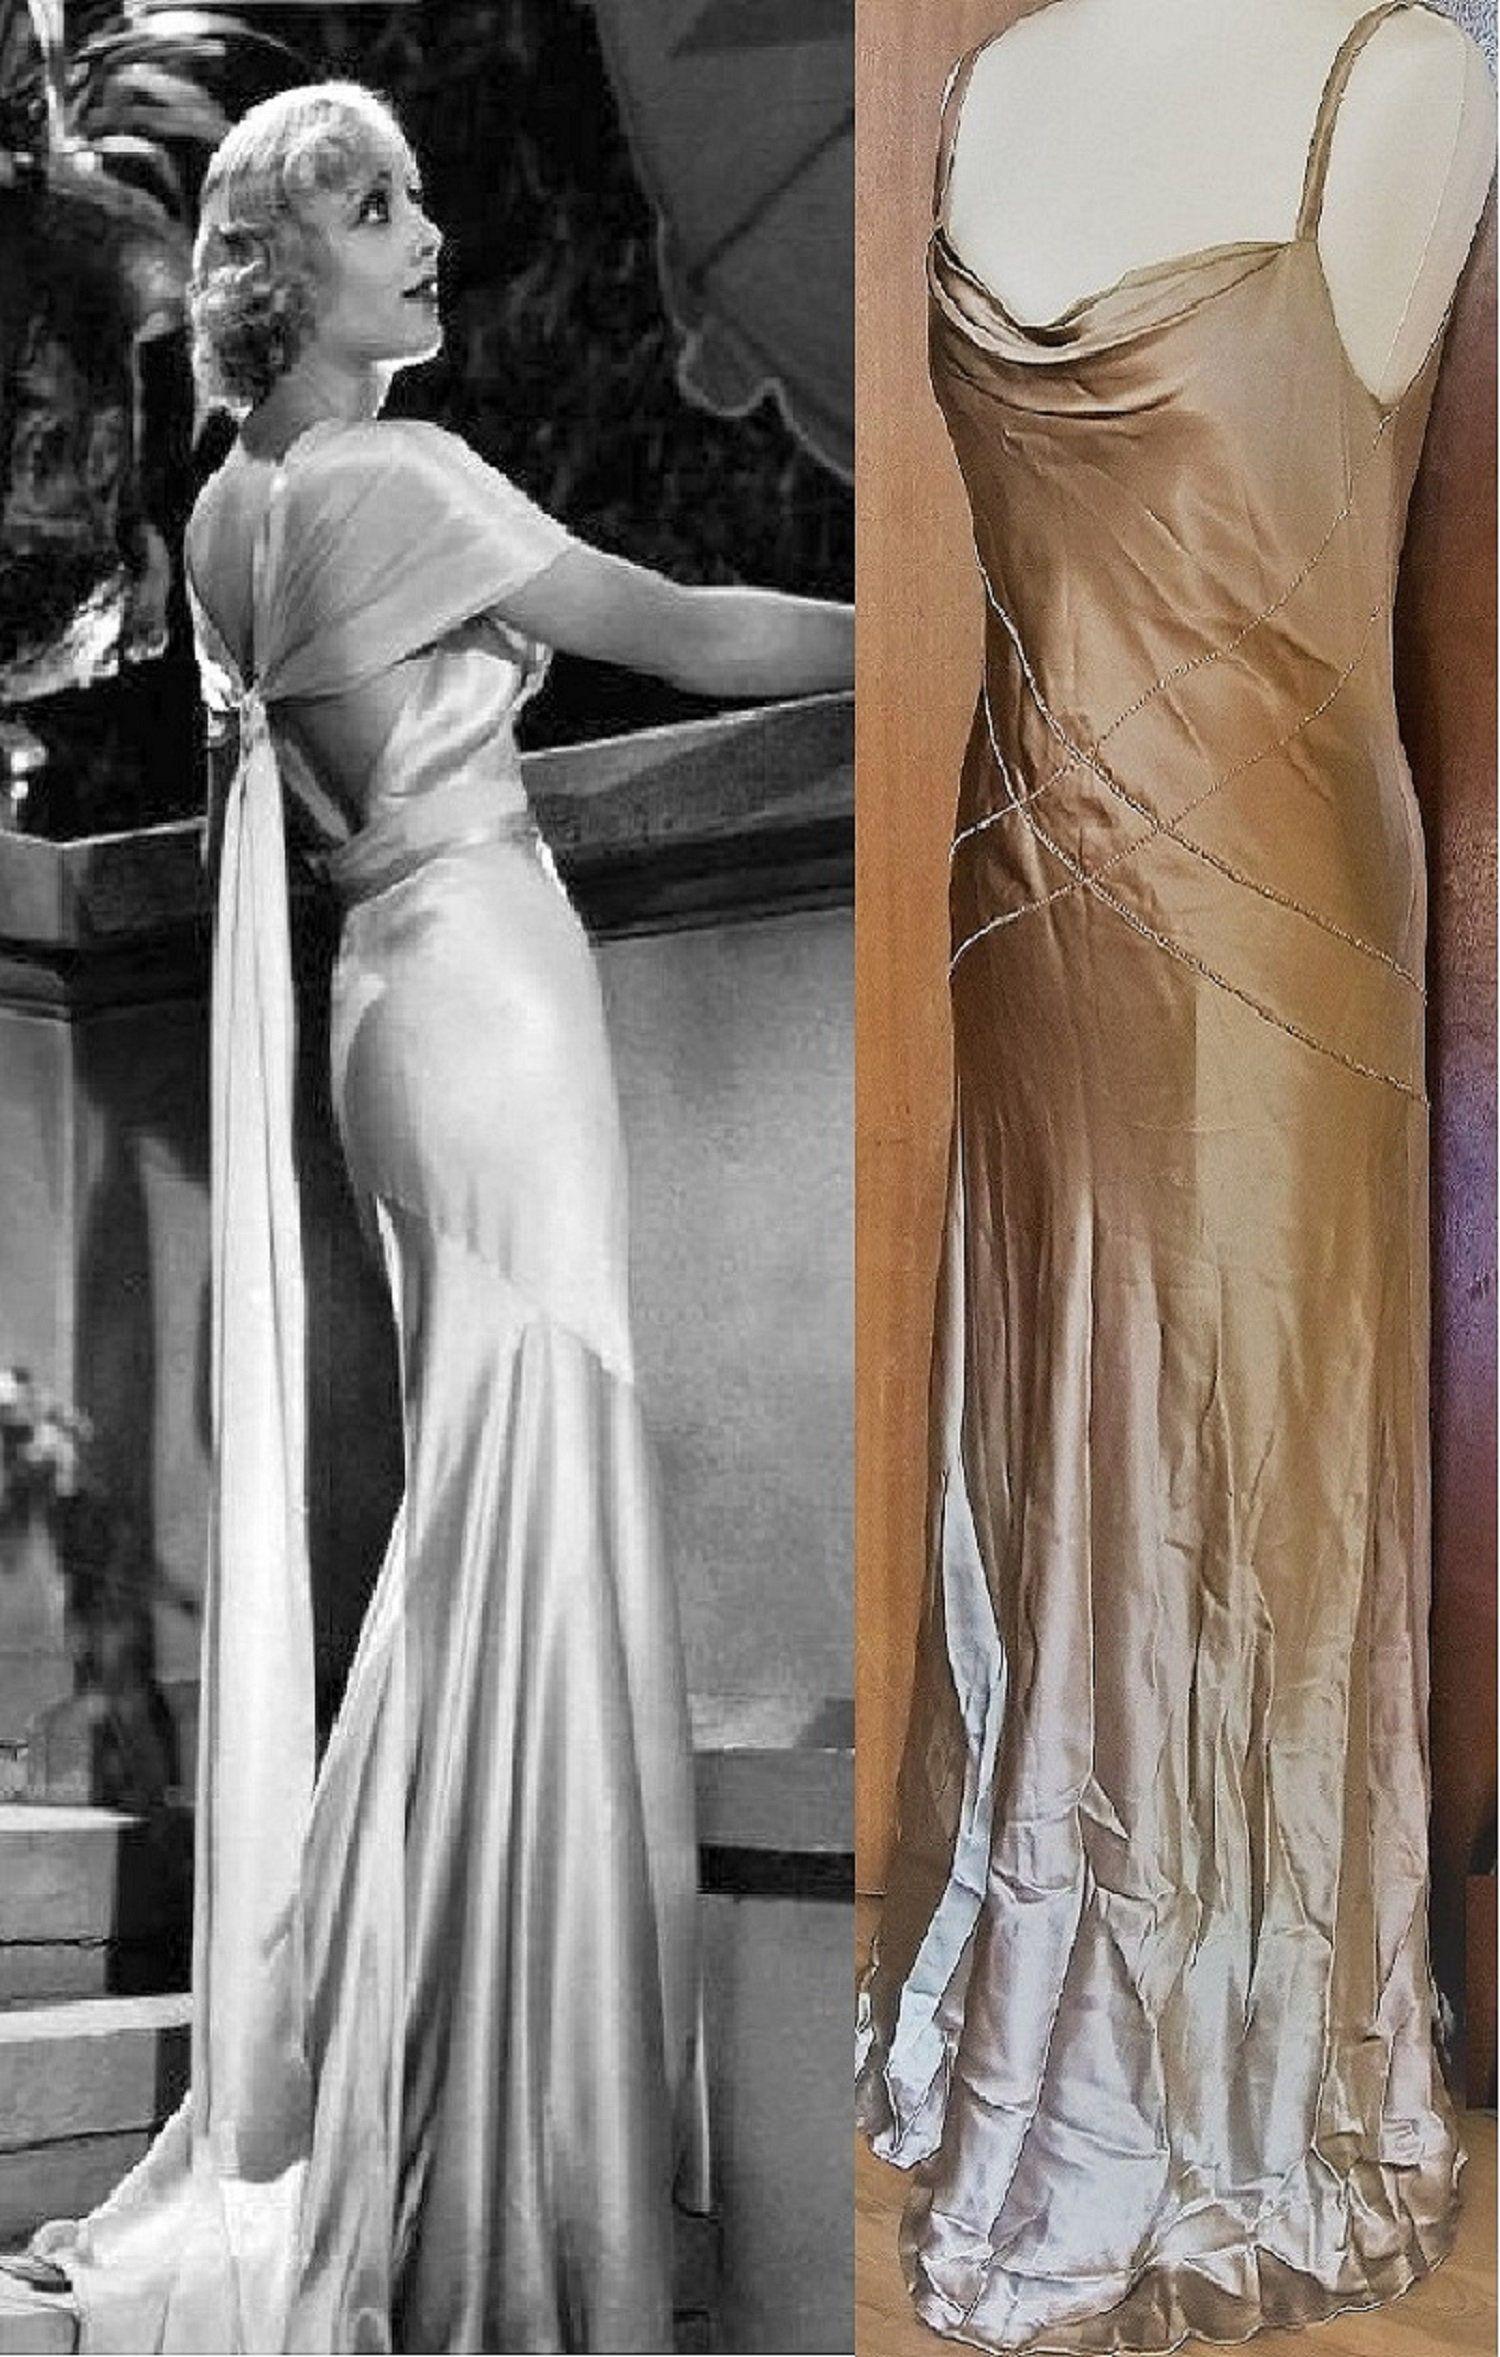 Exquisite 1930 S Art Deco Style Silk Dress Vintage Gold Dress Cowl